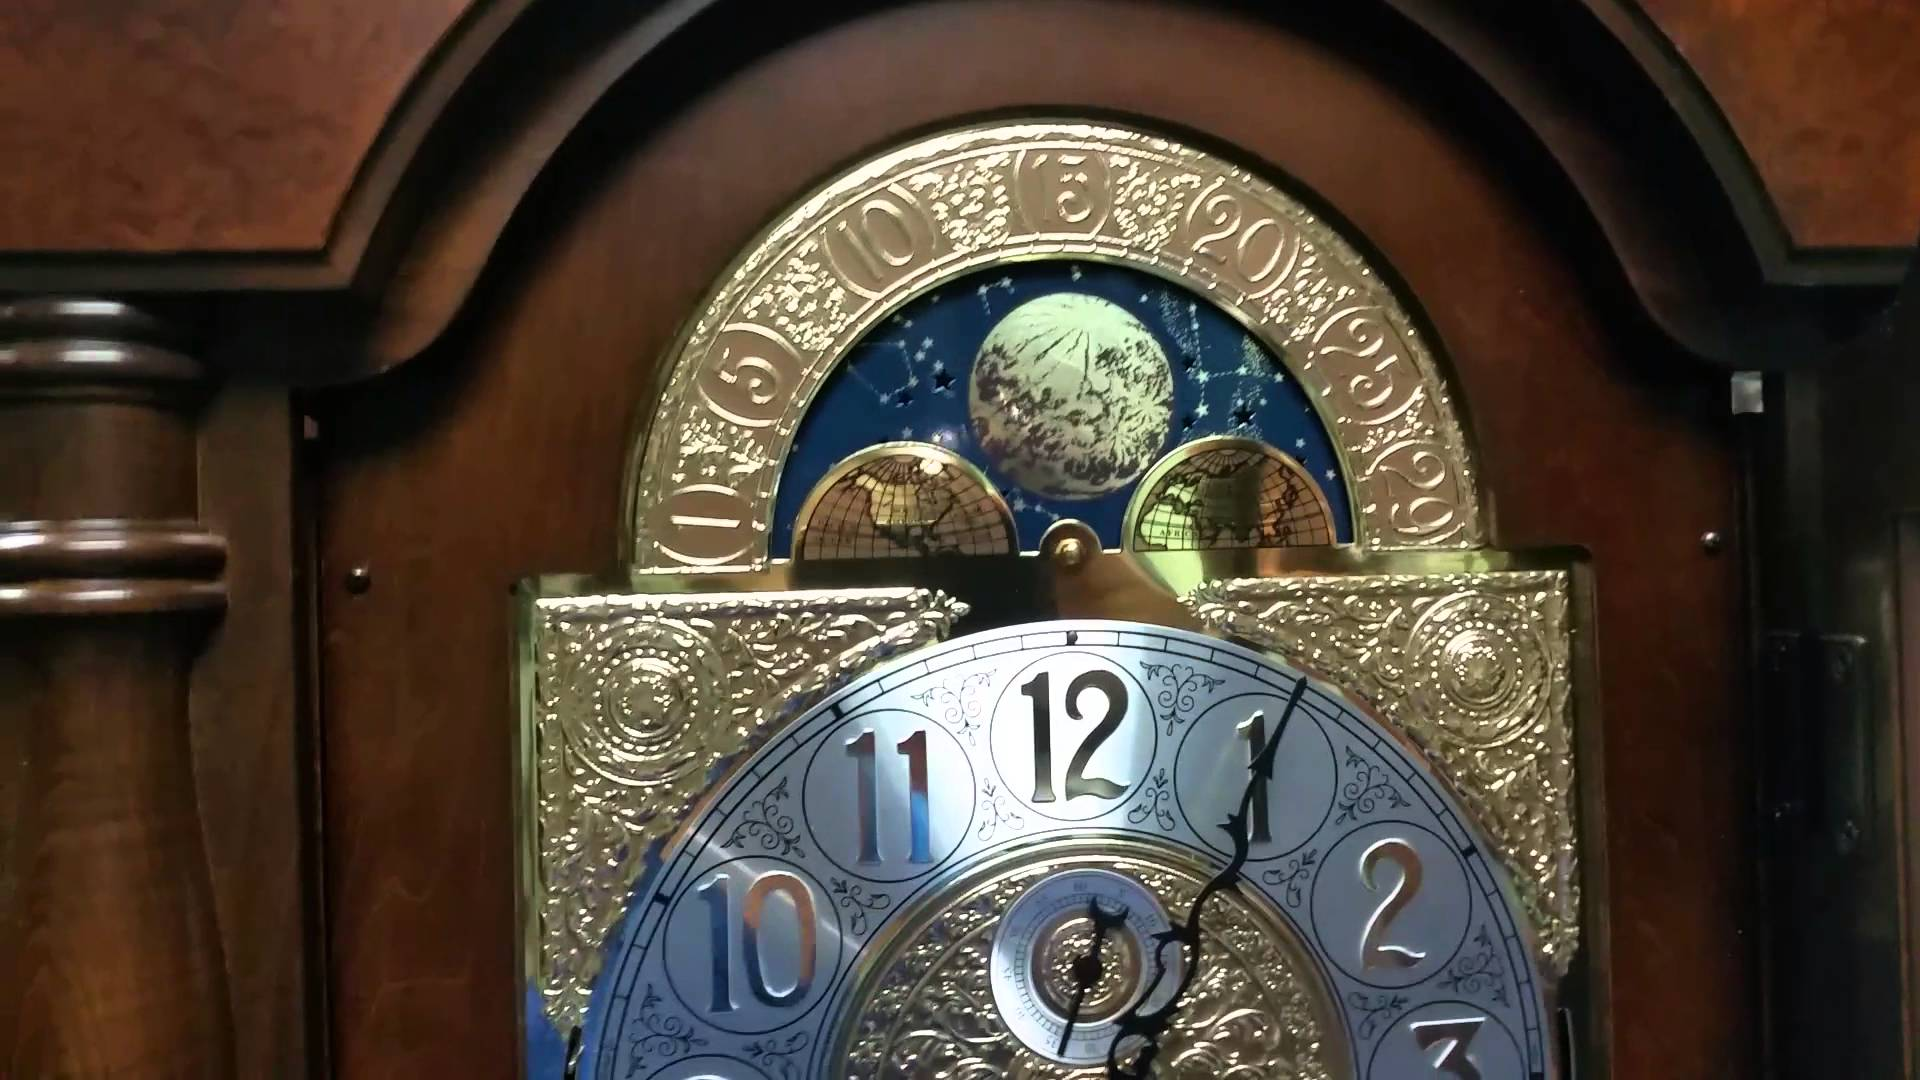 Howard Miller Grandfather Clock Repair